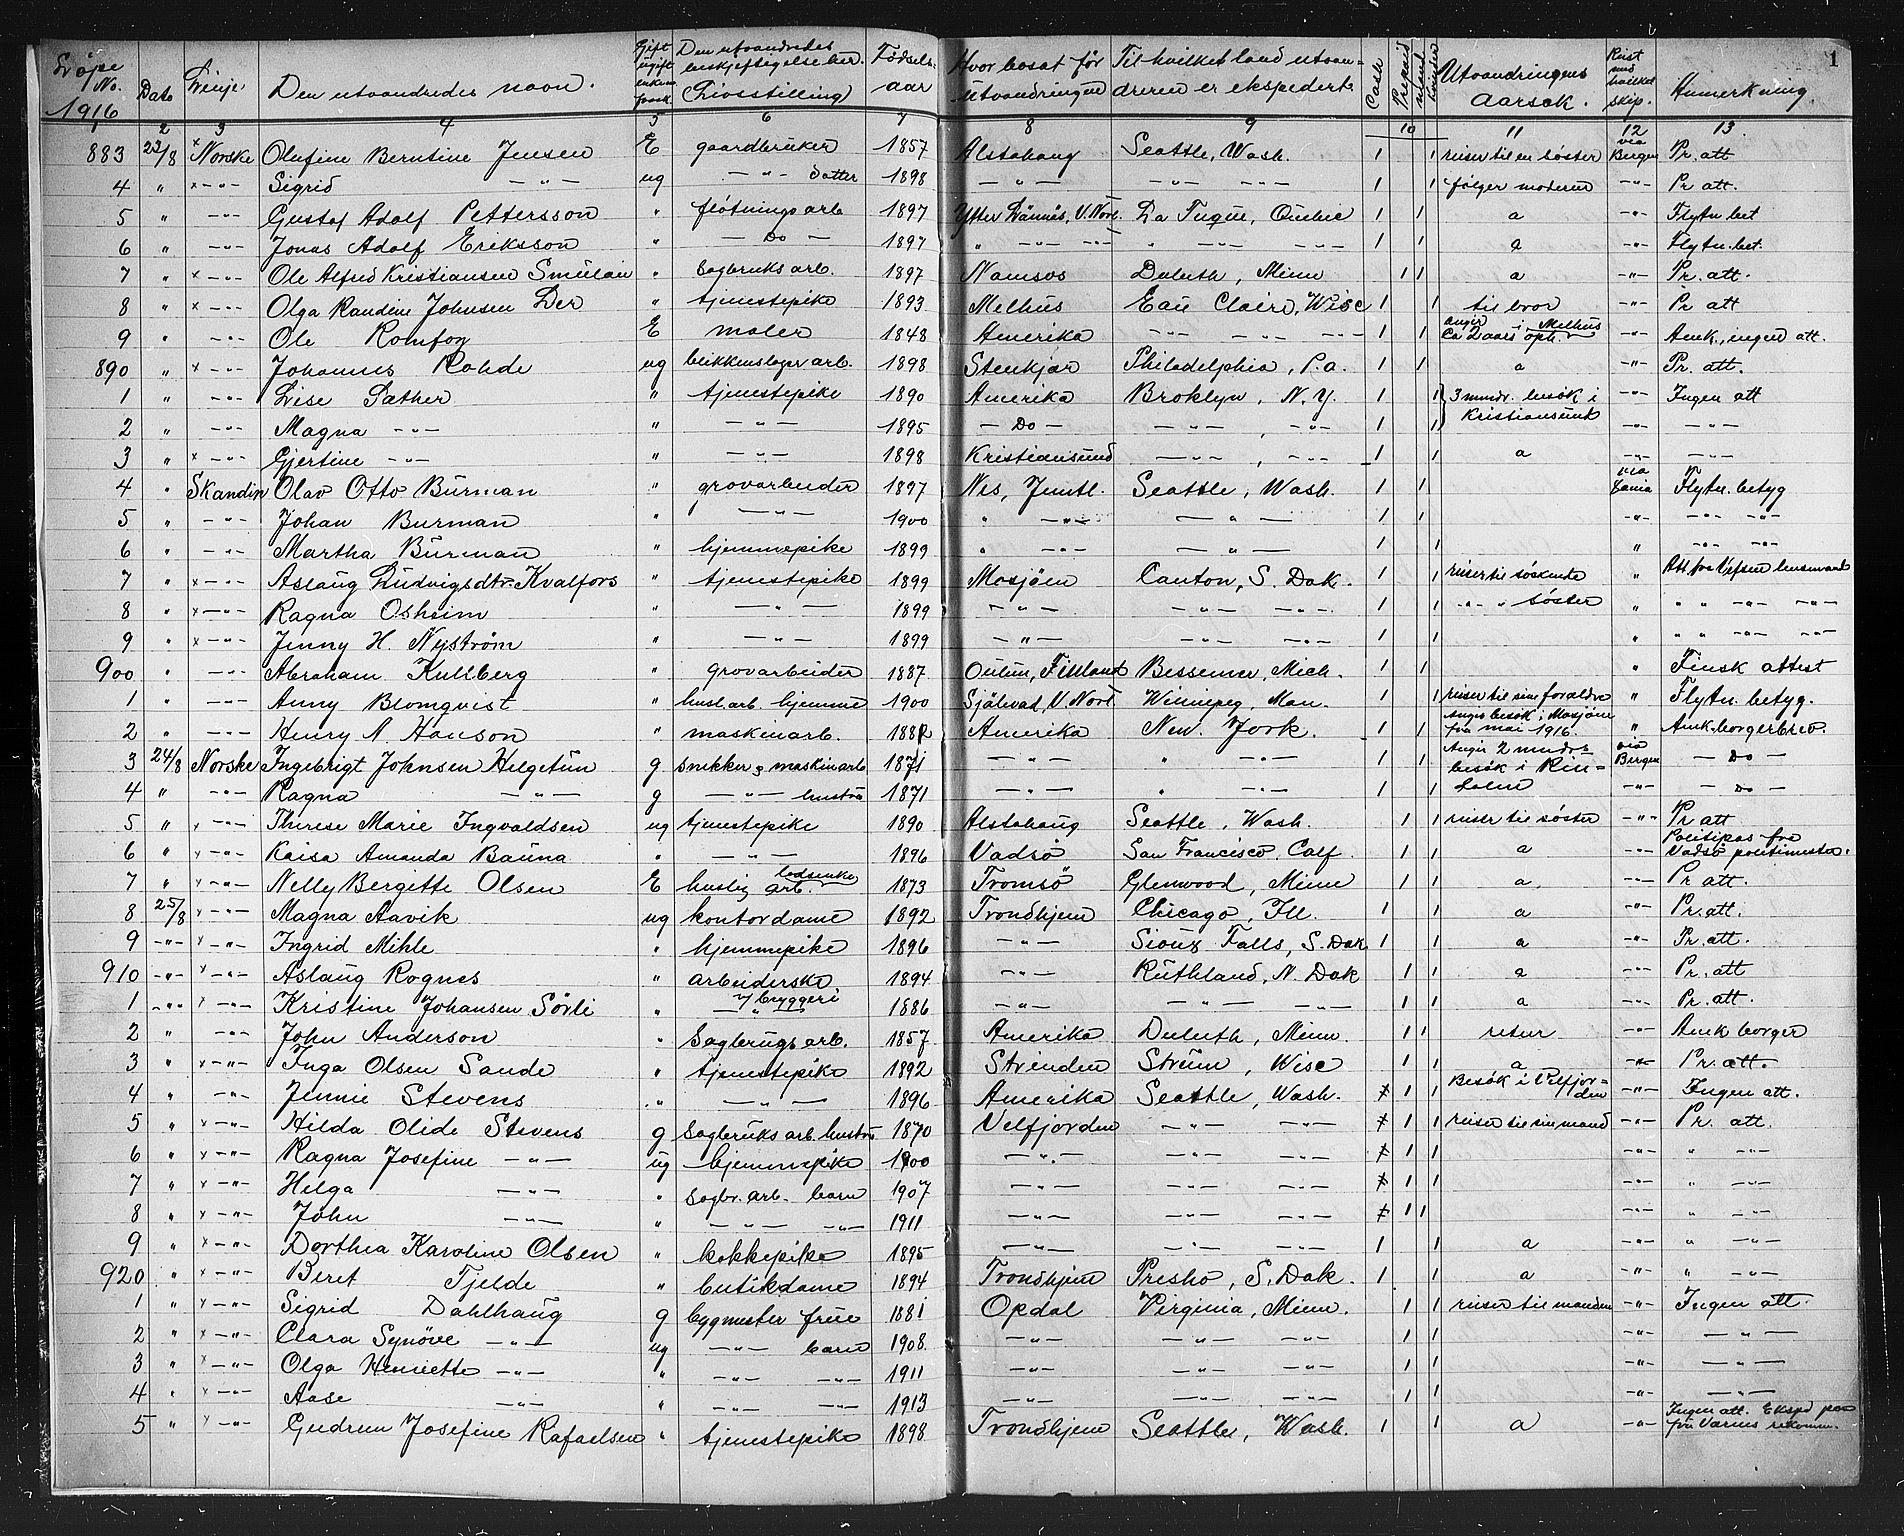 SAT, Trondheim politikammer, 32/L0016: Emigrantprotokoll XV 23.08-10.08, 1916-1926, p. 1